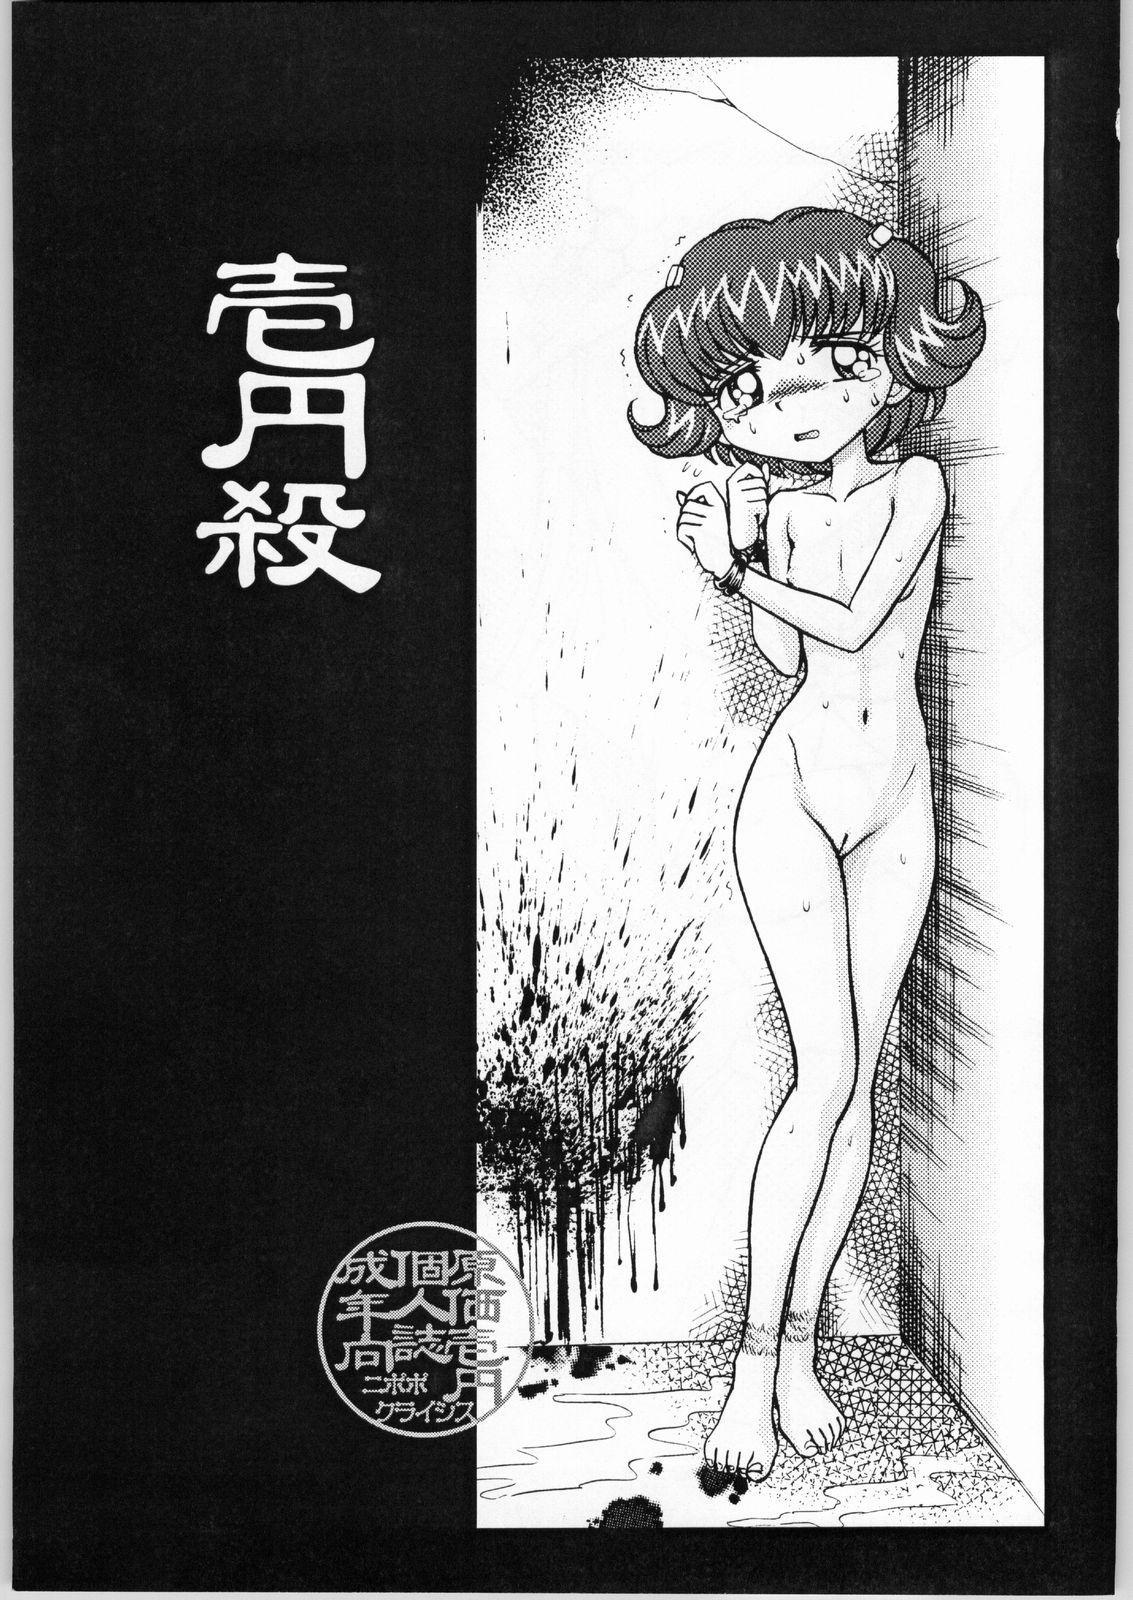 Ichien Satsu 1